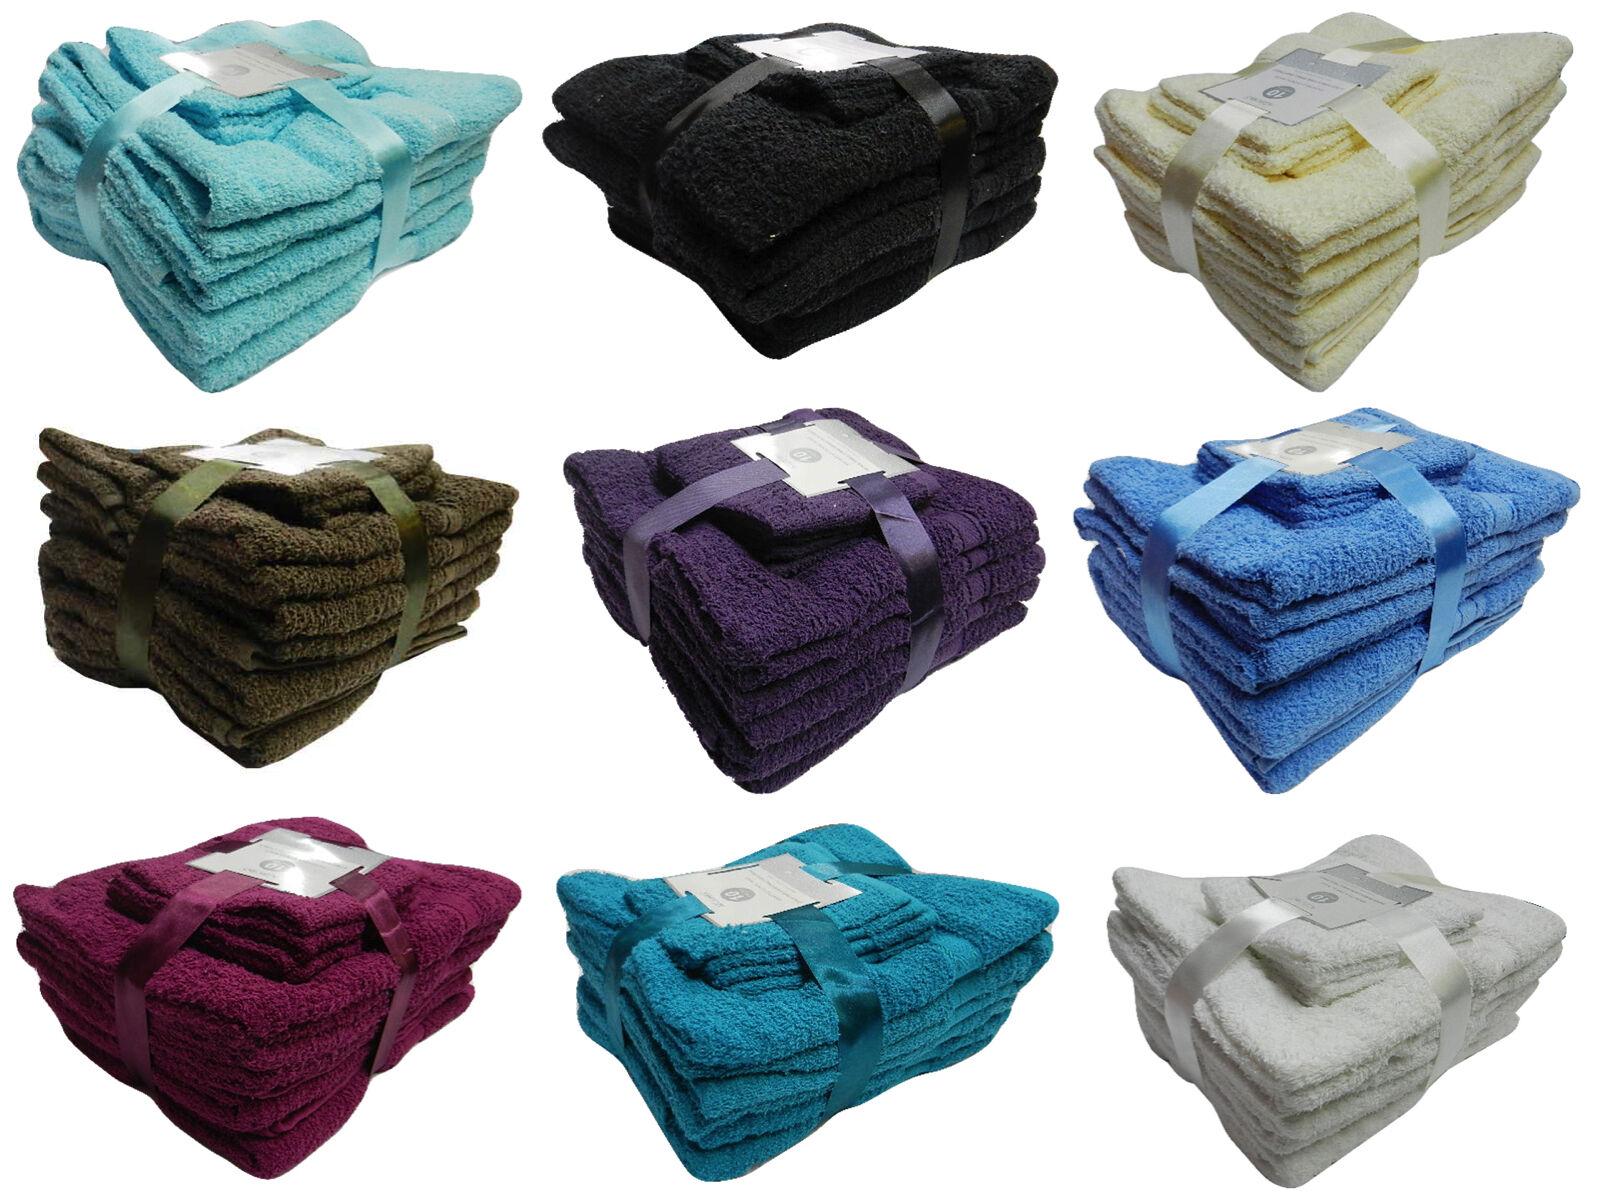 Set 10 Asciugamani da Bagno Spugna Cotone Egiziano Idea Regalo Telo Viso Doccia